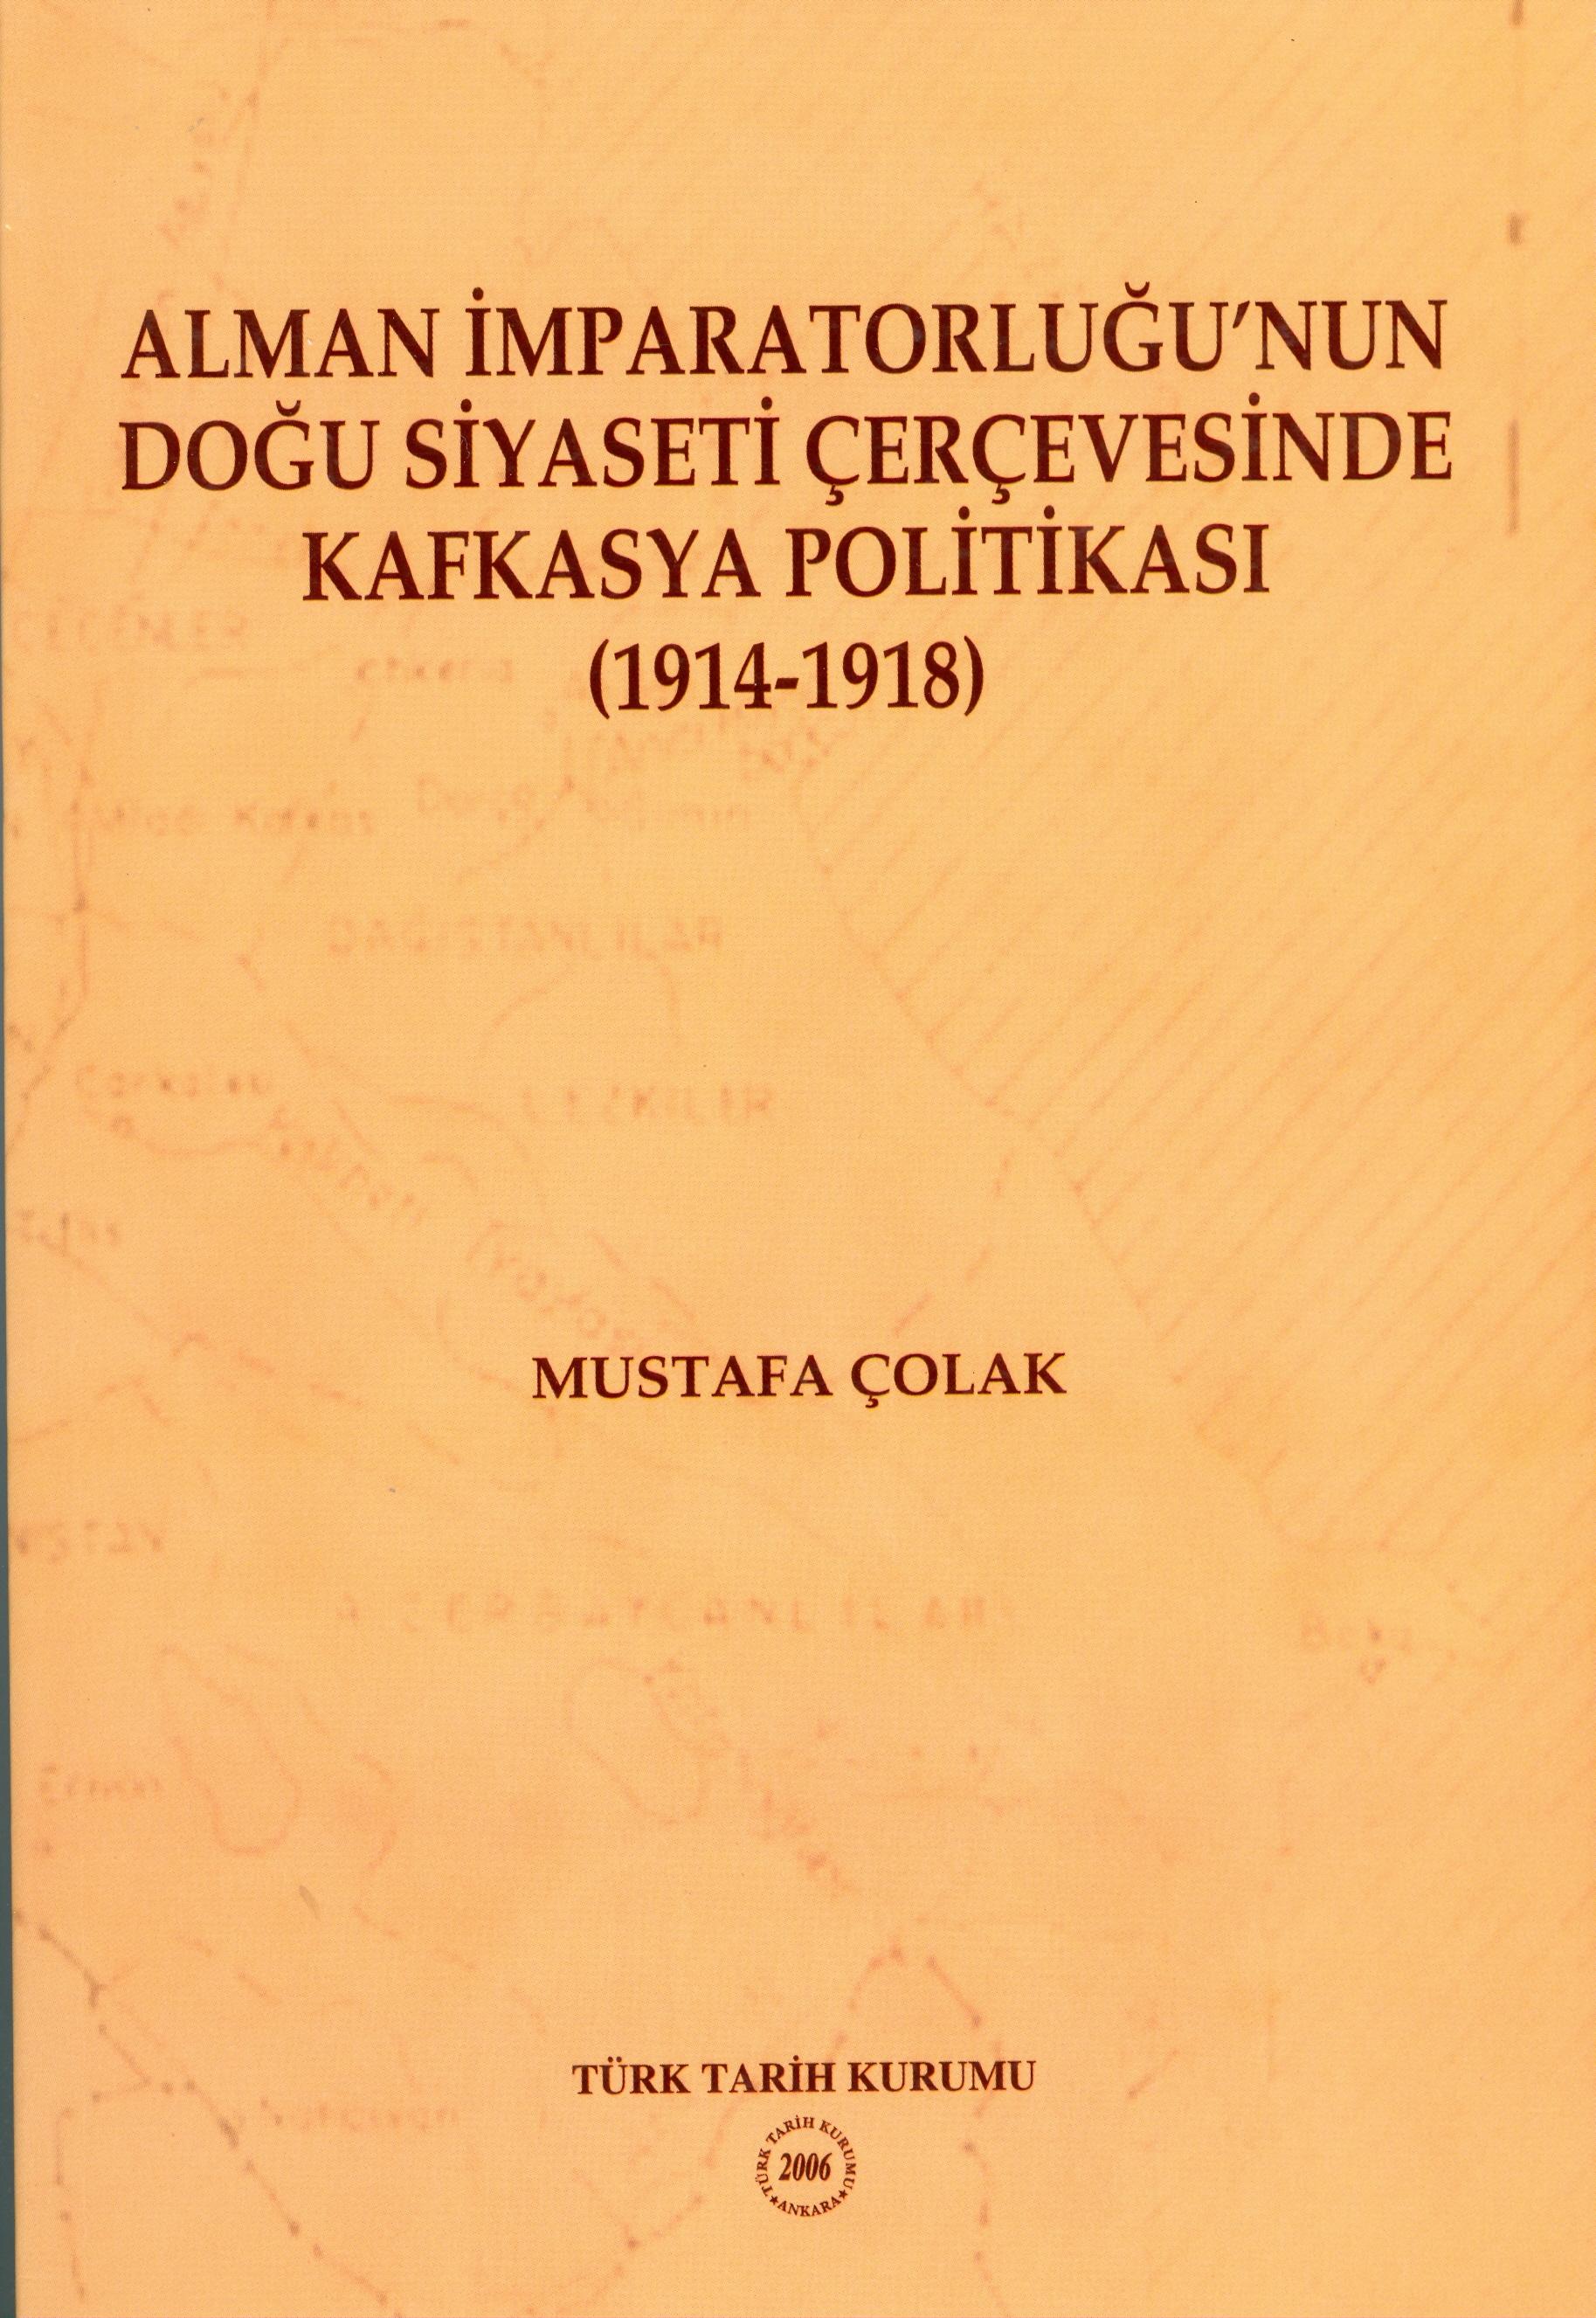 ALMAN İMPARATORLUĞUNUN DOĞU SİYASETİ ÇERÇEVESİNDE KAFKASYA POLİTİKASI ( 1914-1918)